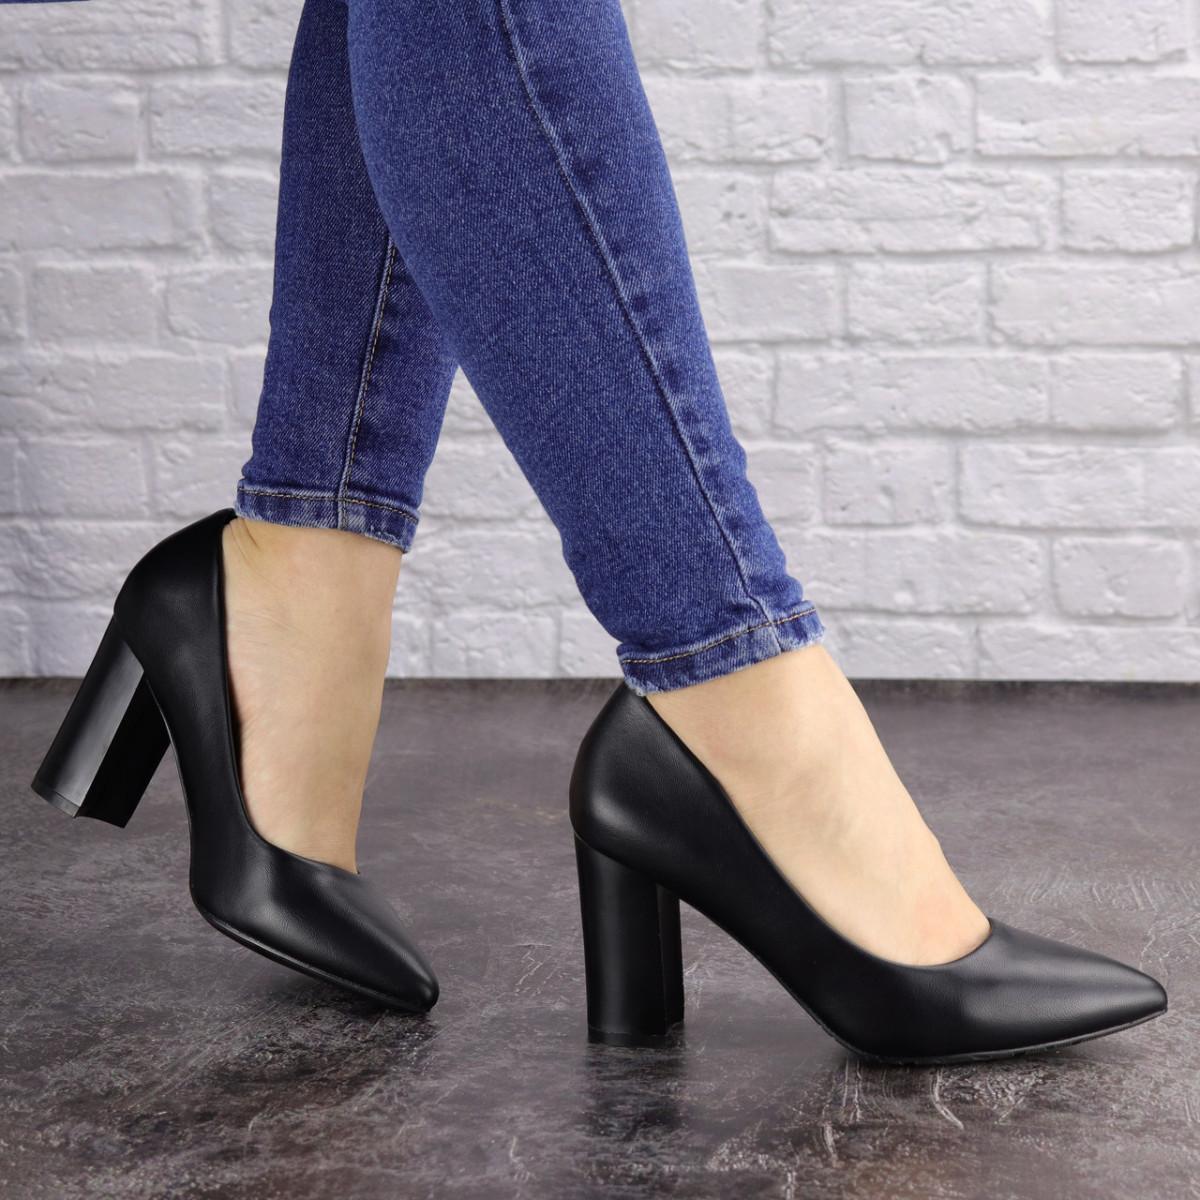 Туфли женские на каблуке черные Brandy 1601 (36 размер)